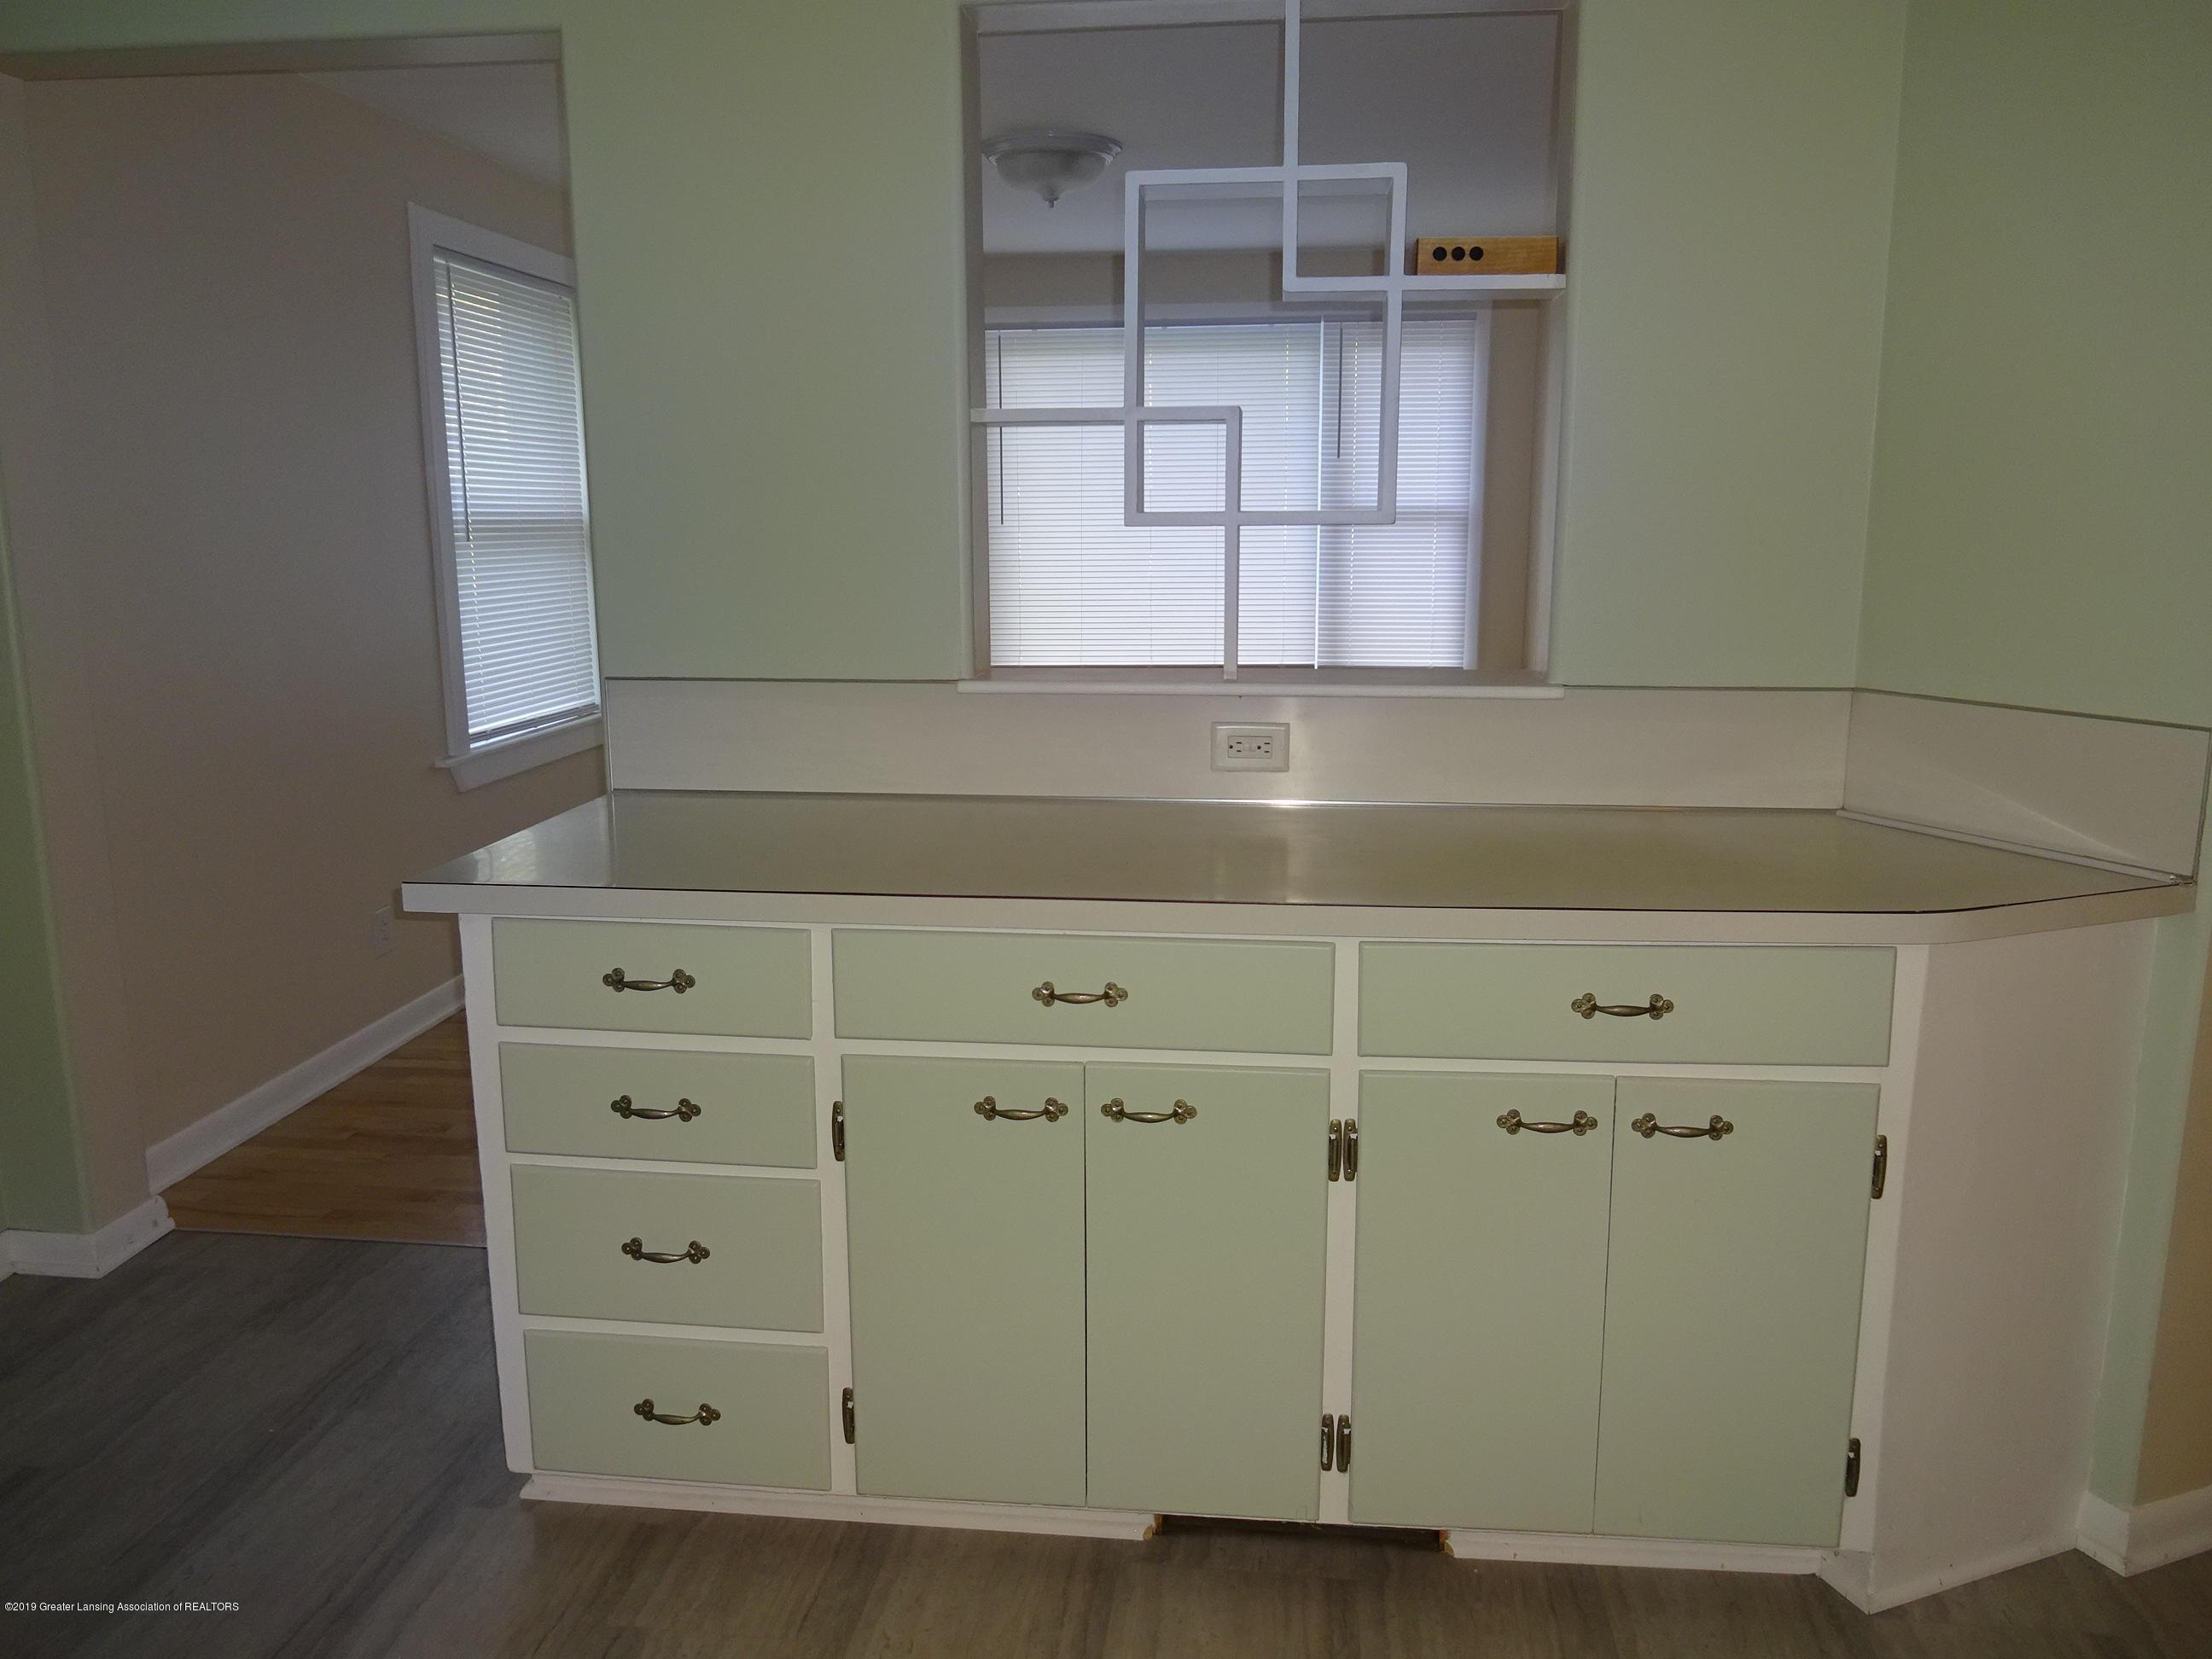 4632 Old Lansing Rd - Old Lansing rd kitchen into dining A - 4